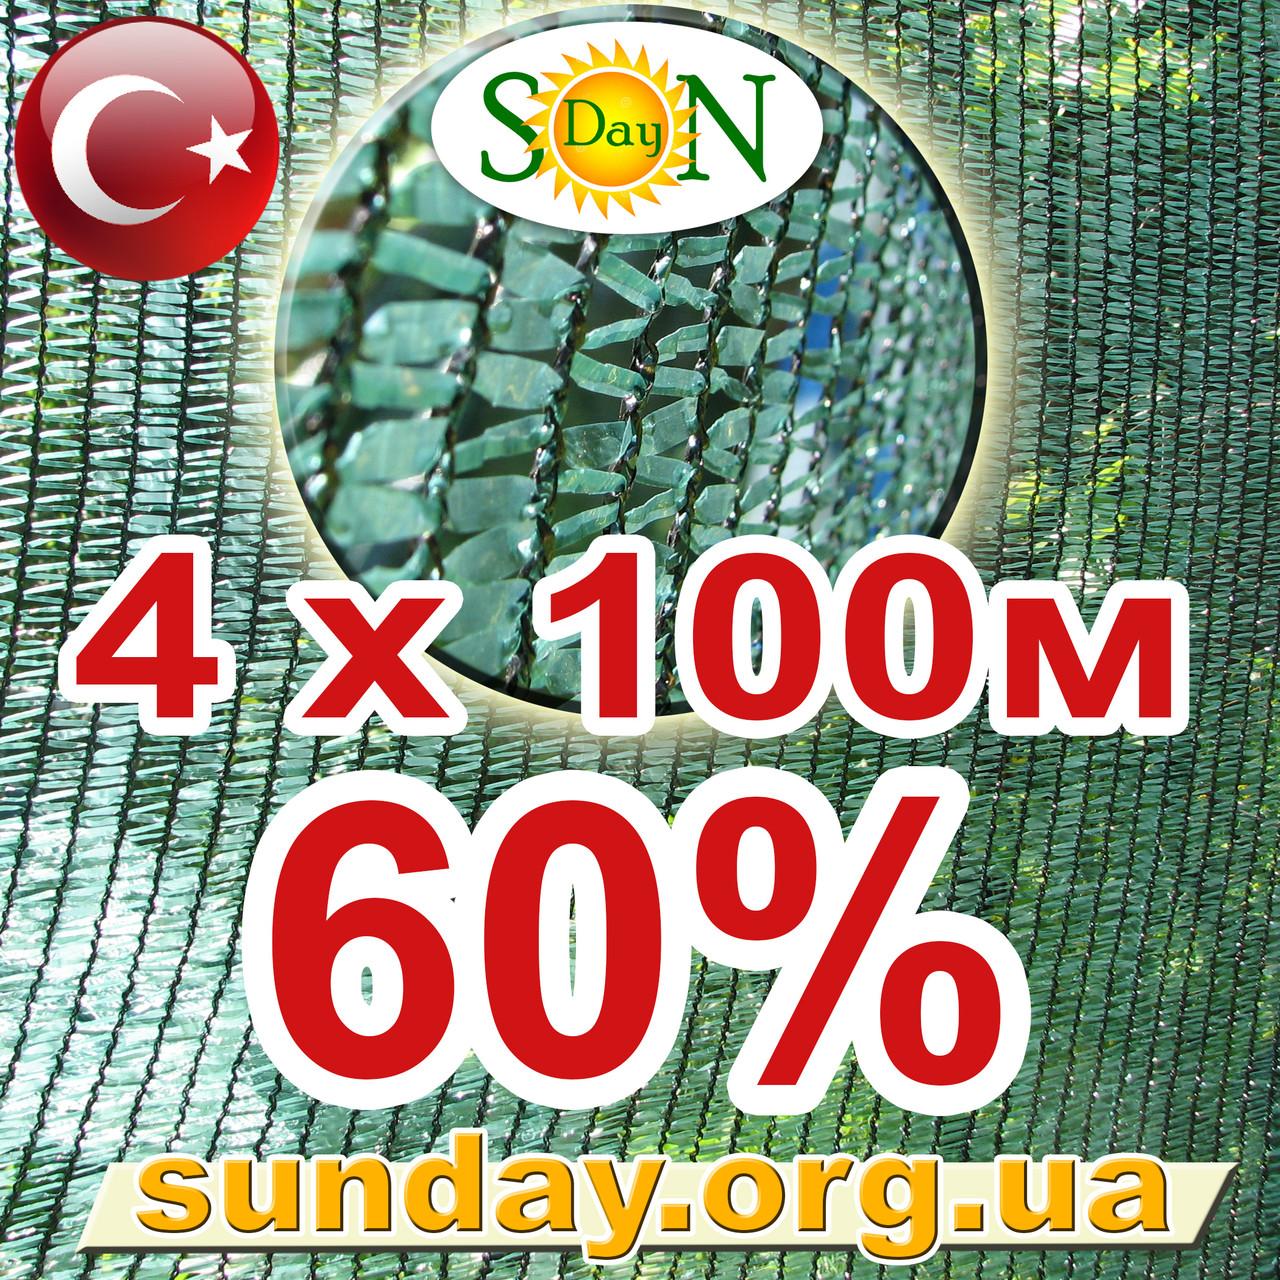 Сетка затеняющая, маскировочная РУЛОН 4*100метров 60% Турция